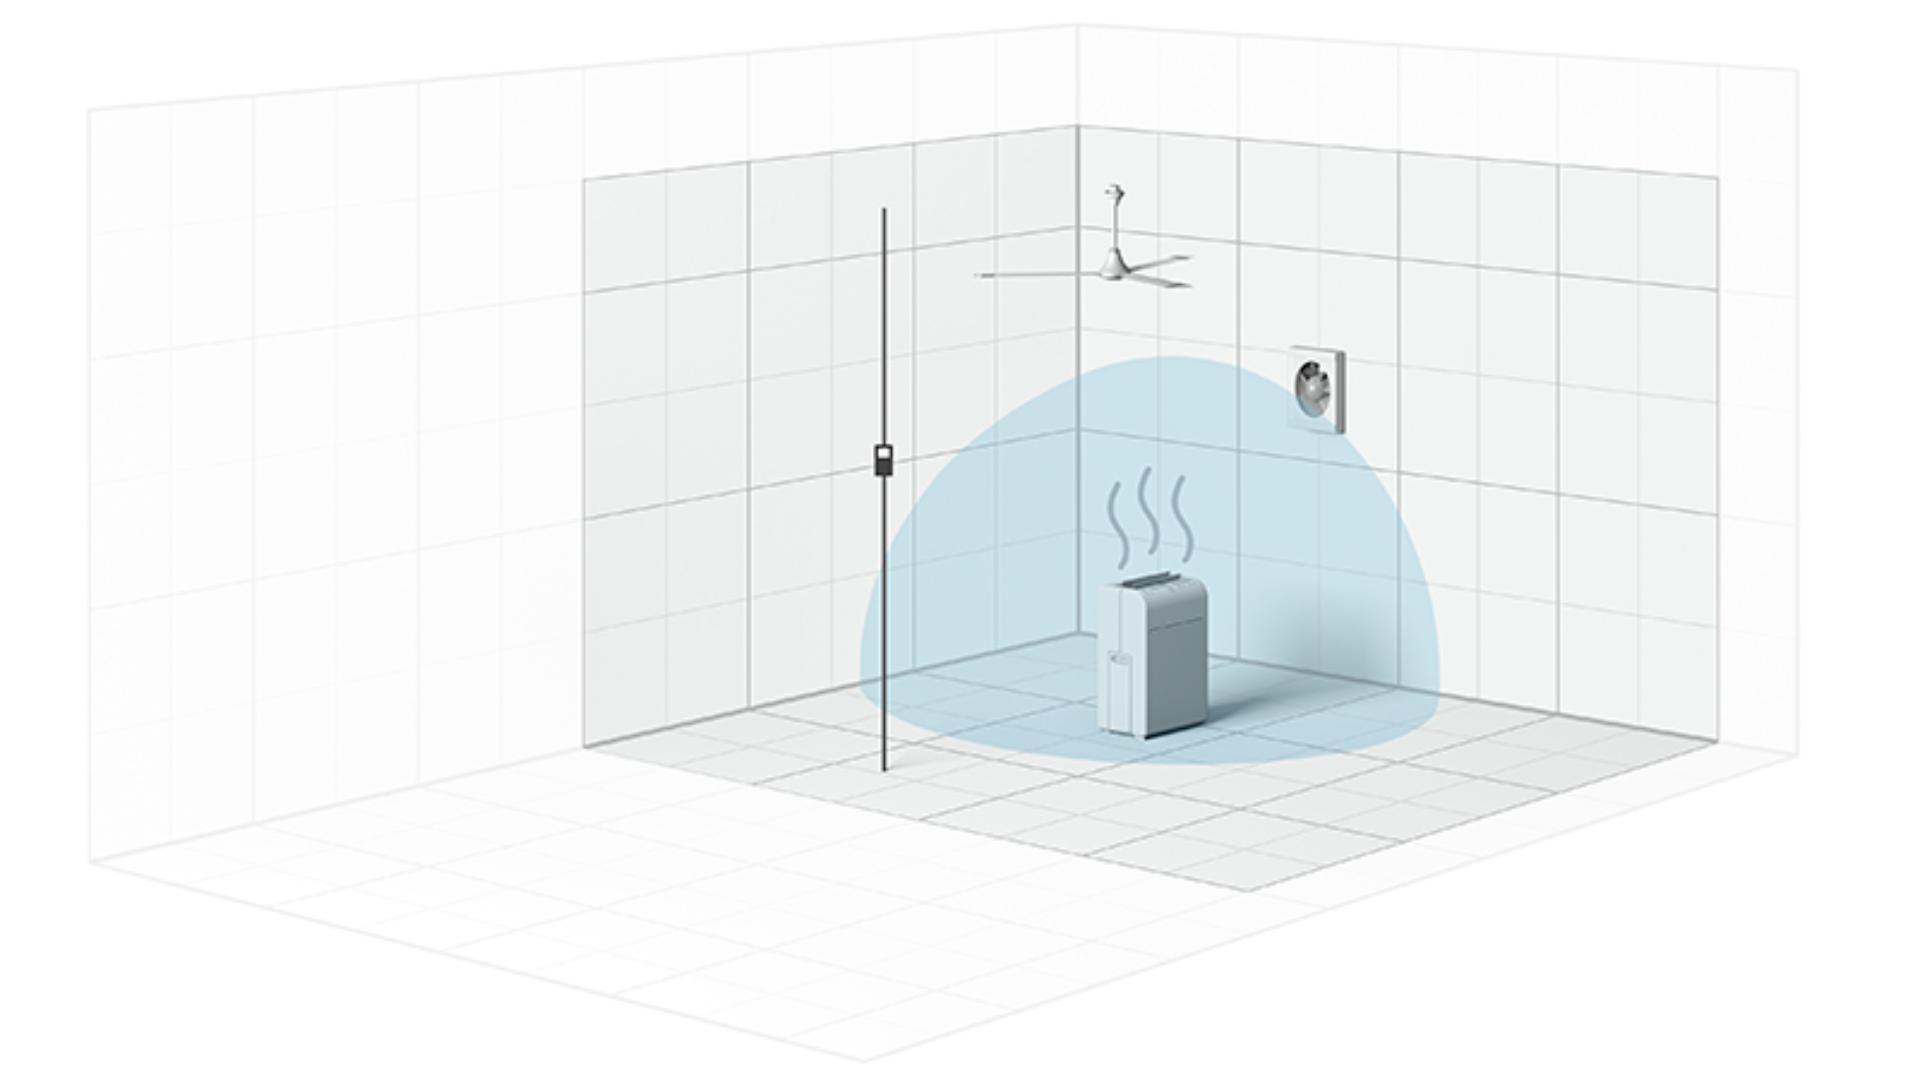 A CADR értékelés nem tudja megfelelően mérni egy valós méretű 28,5m³-es szoba légtisztítási hatékonyságát.